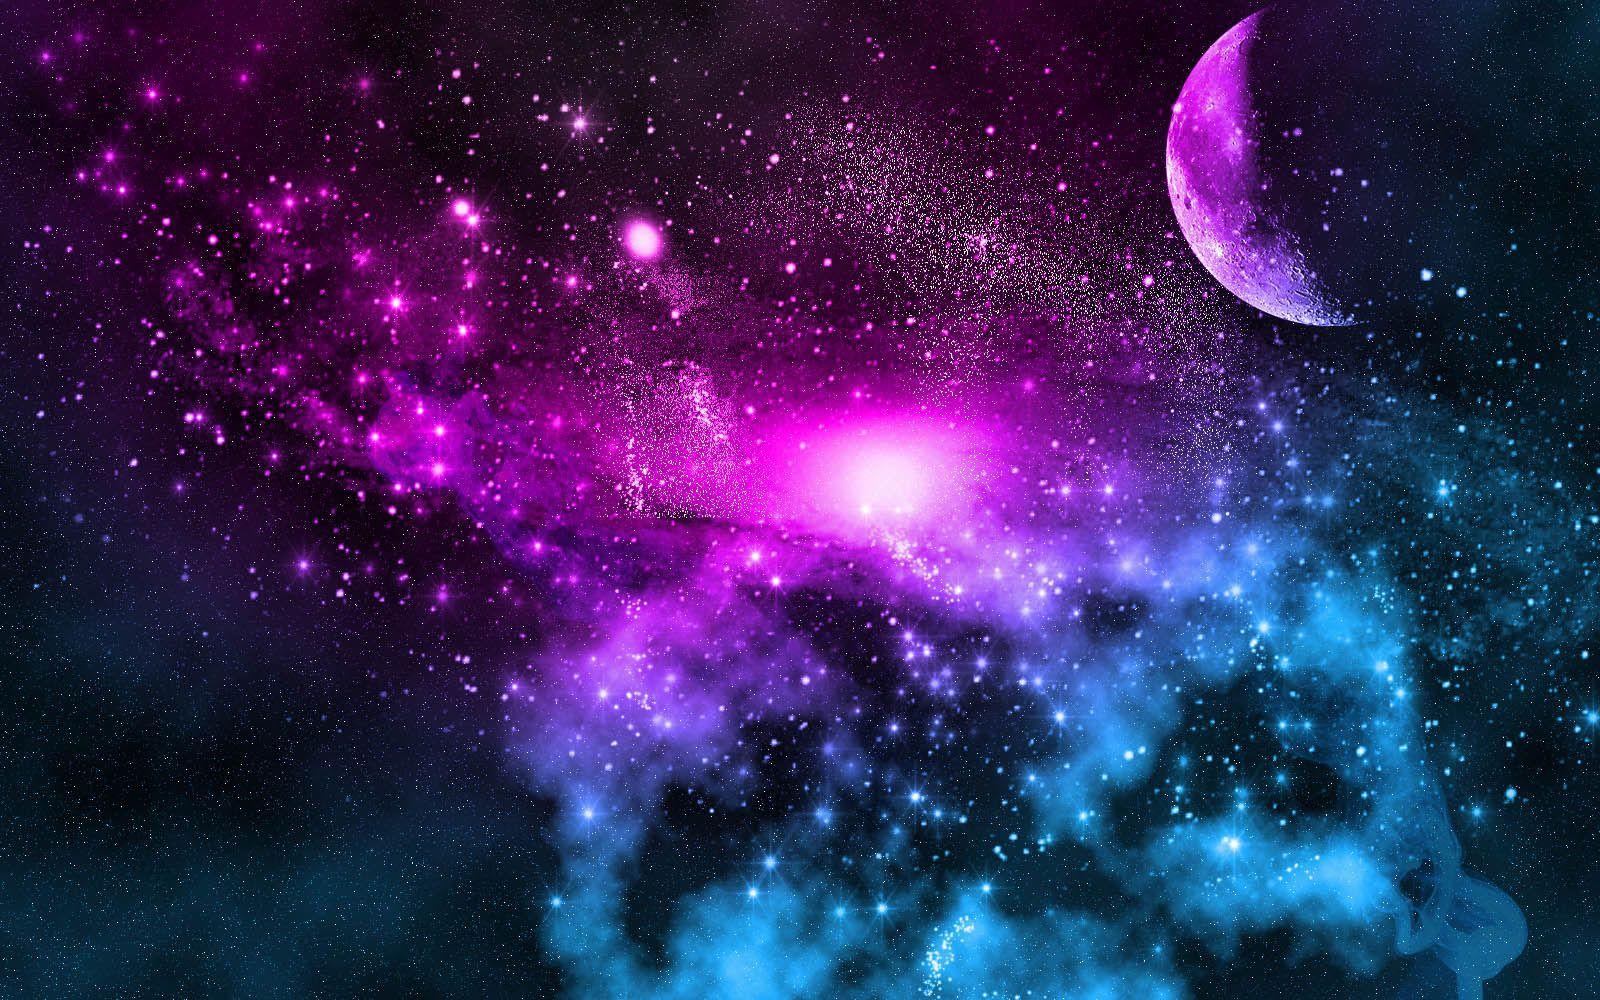 galaxy stuff tumblr | xXNeonAvyXx (Neon) on deviantART ...